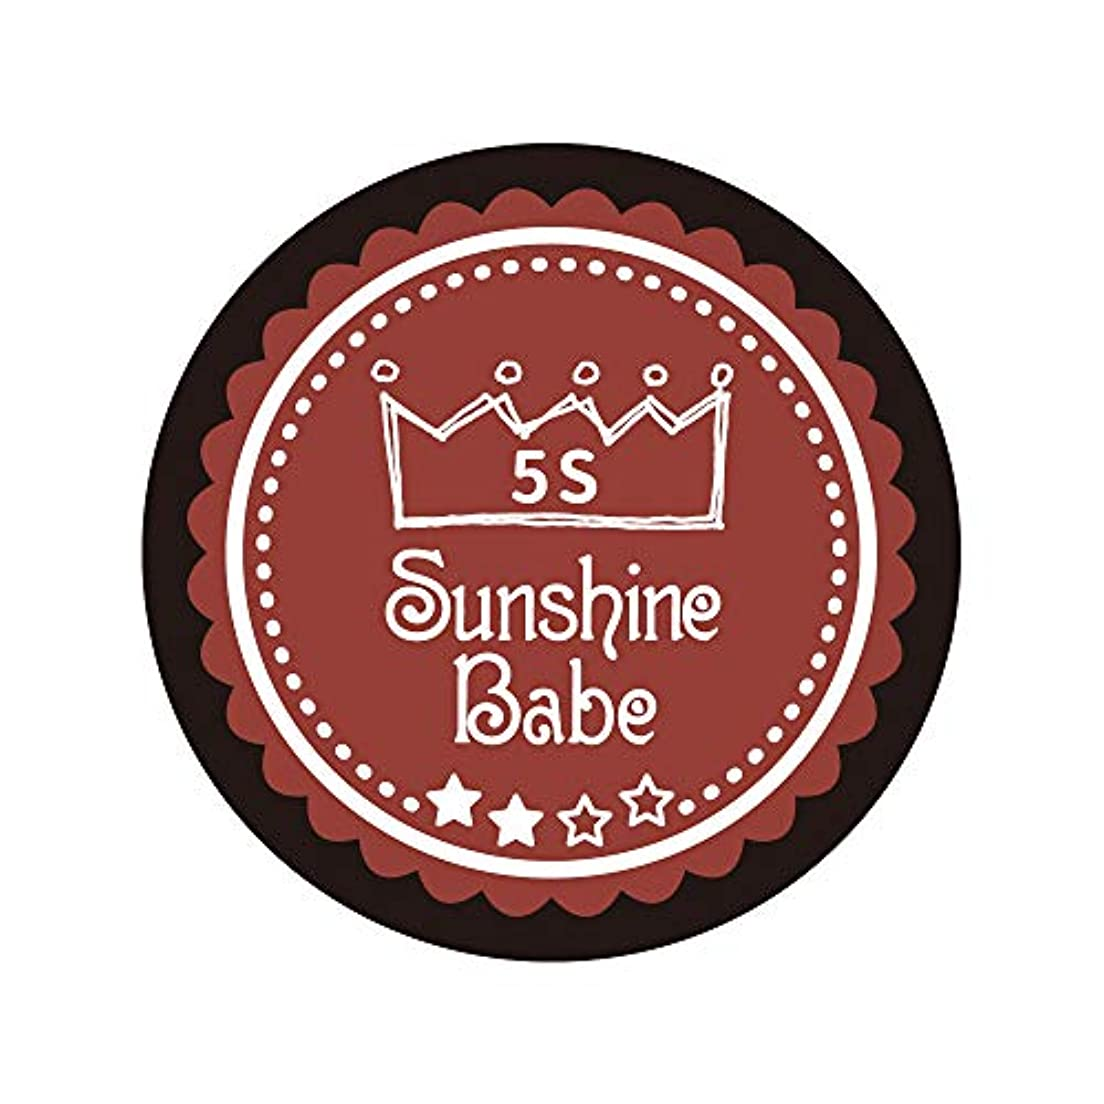 キャビンタップポルトガル語Sunshine Babe カラージェル 5S チリオイル 2.7g UV/LED対応